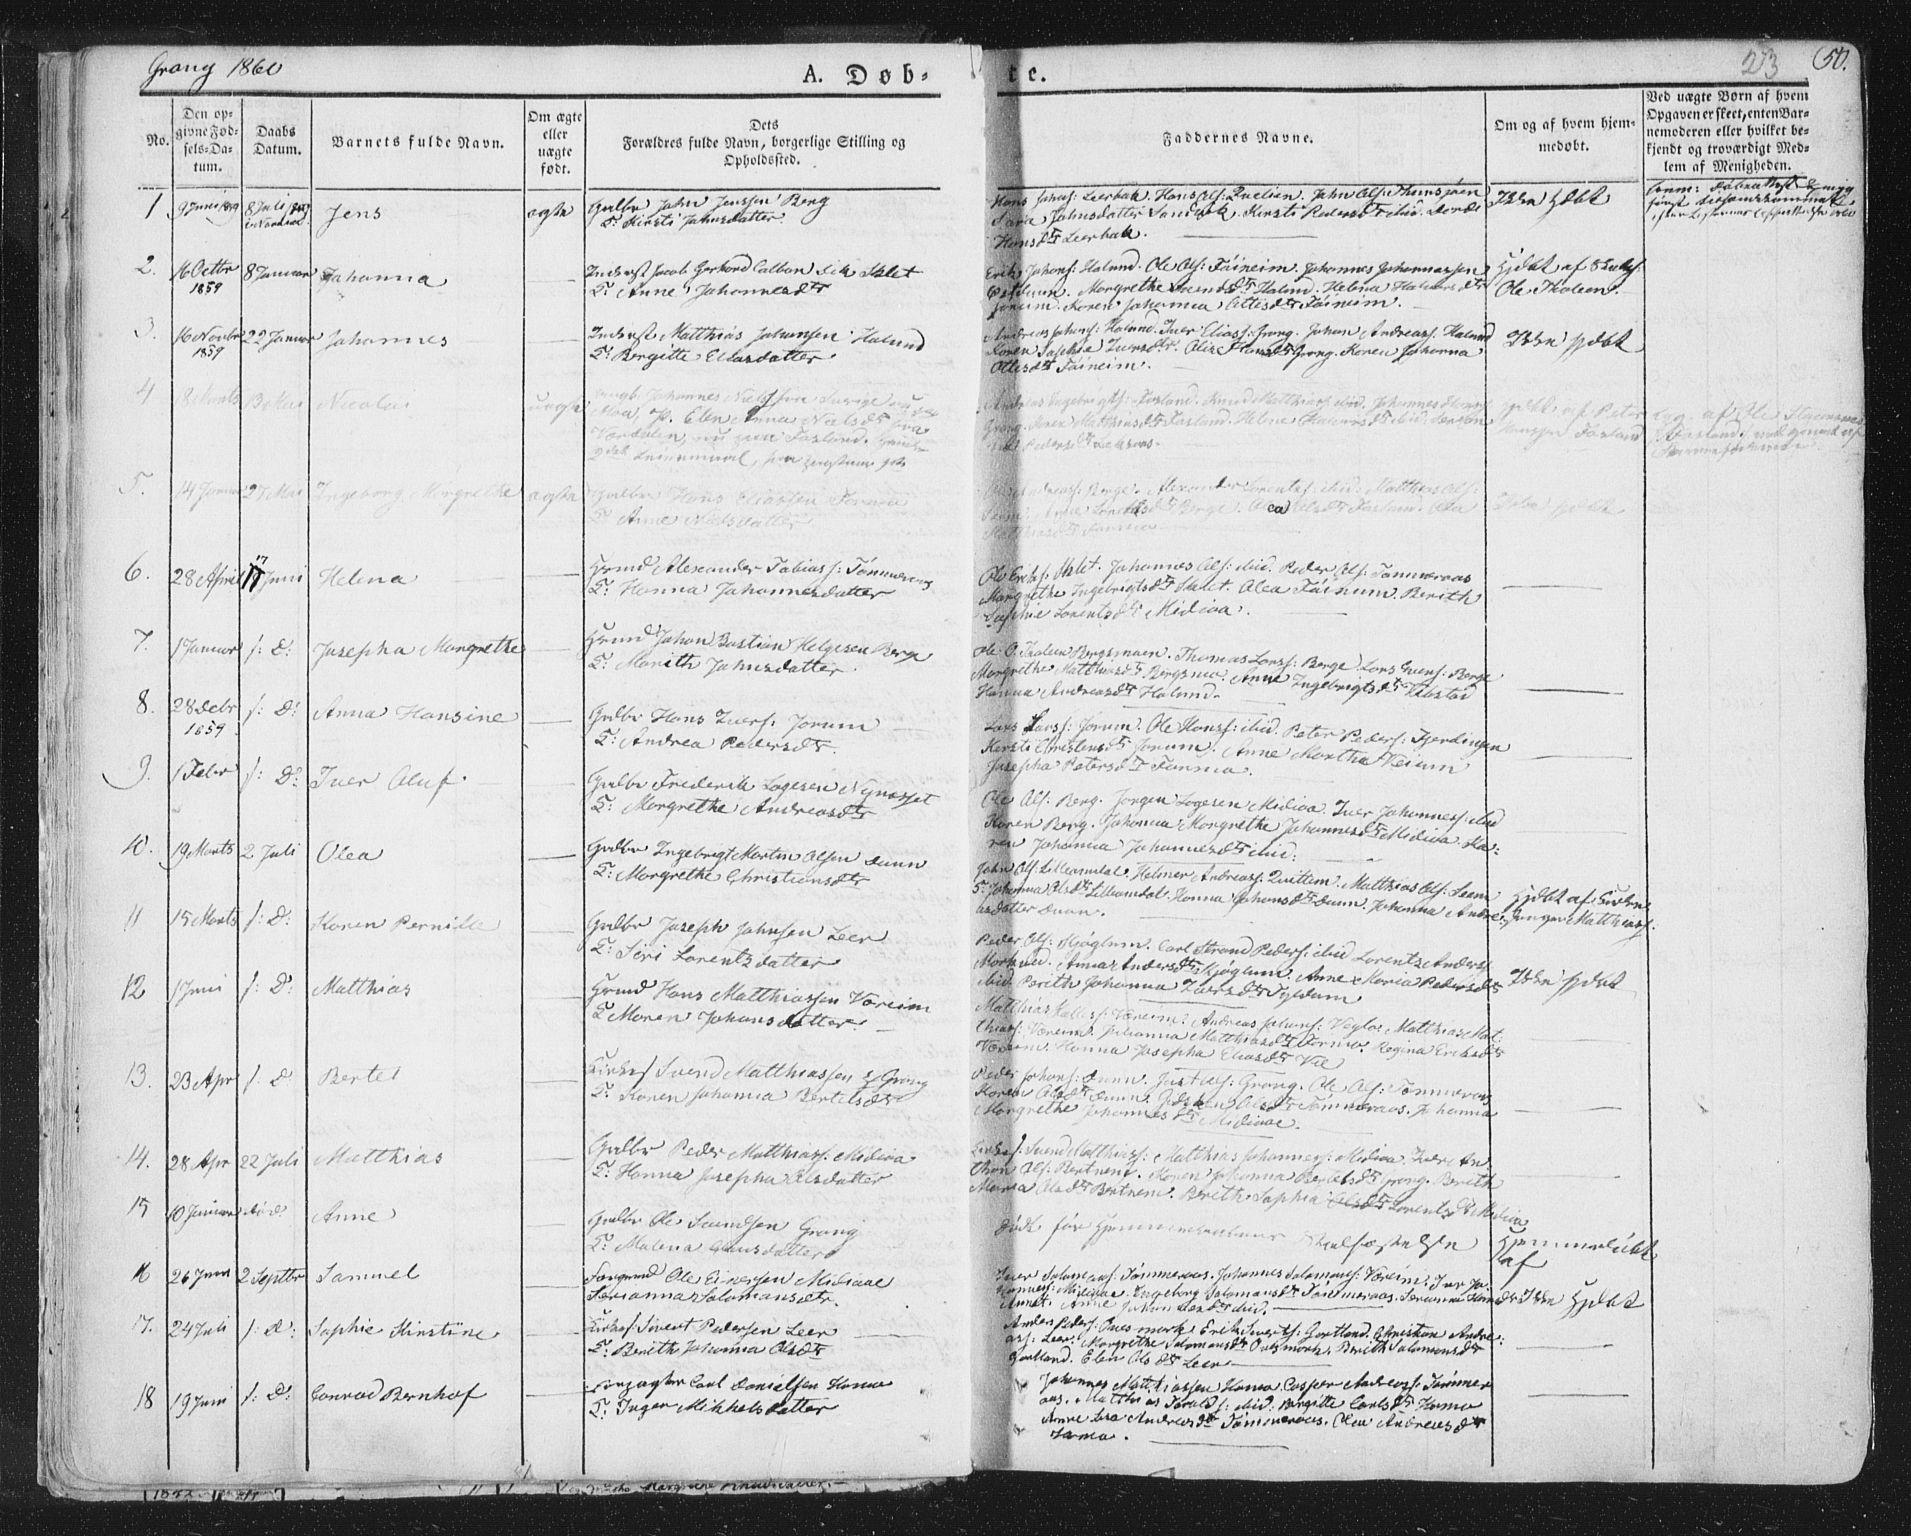 SAT, Ministerialprotokoller, klokkerbøker og fødselsregistre - Nord-Trøndelag, 758/L0513: Ministerialbok nr. 758A02 /1, 1839-1868, s. 23